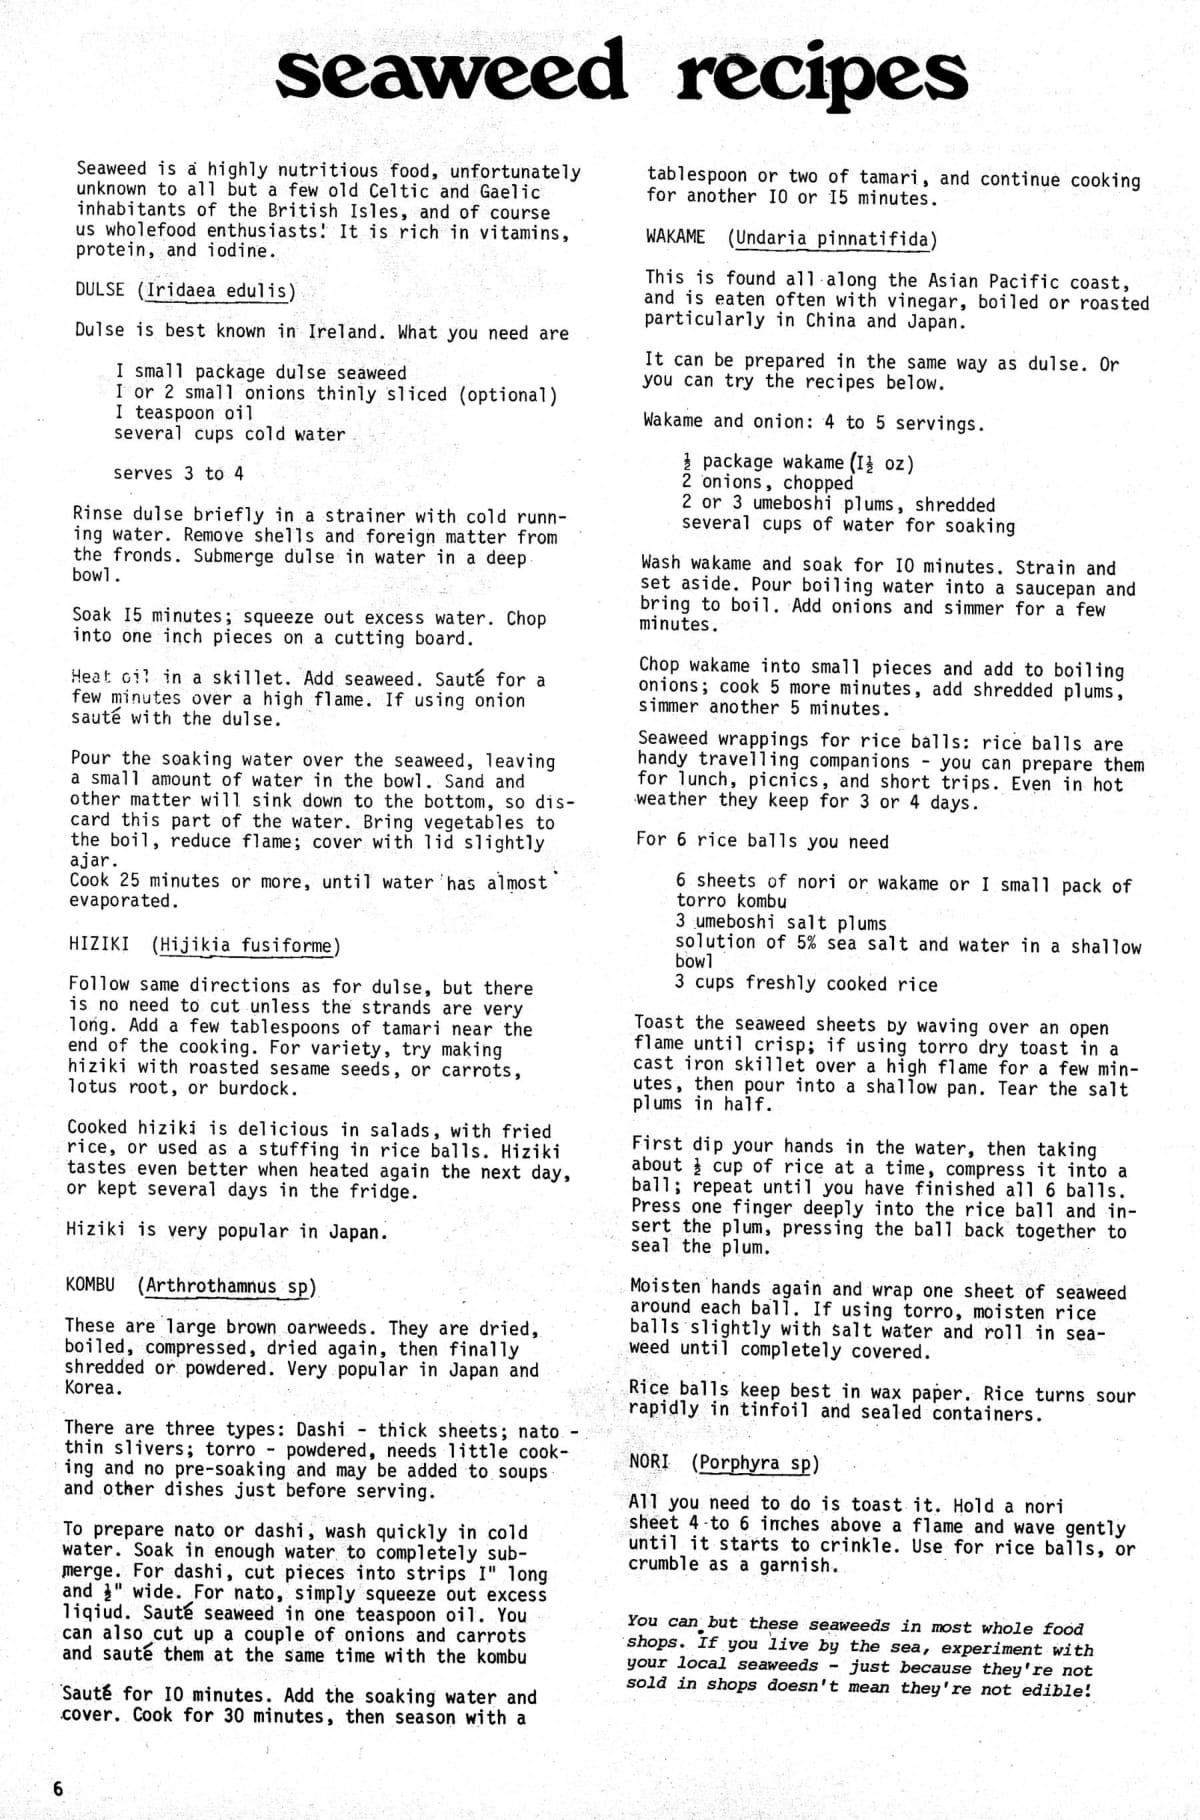 seed-v2-n7-july1973-06.jpg